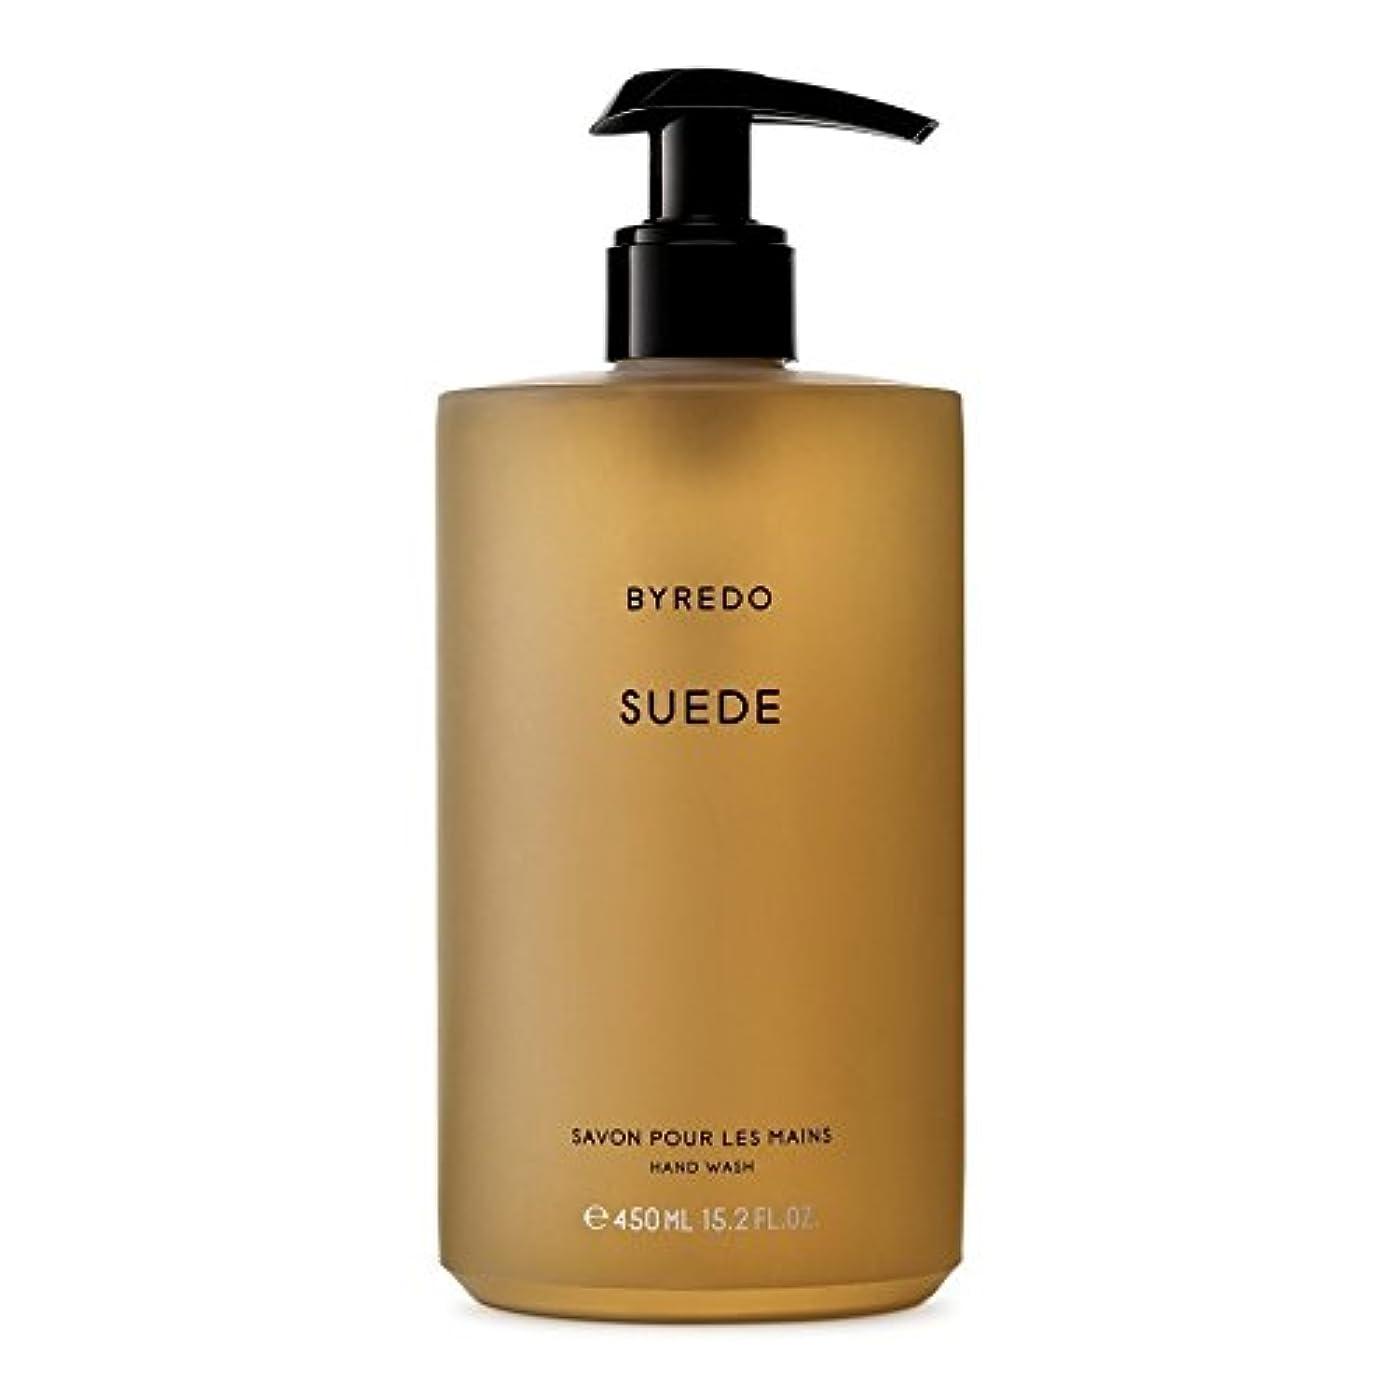 個人的なティーム効率Byredo Suede Hand Wash 450ml - スエードのハンドウォッシュ450ミリリットル [並行輸入品]